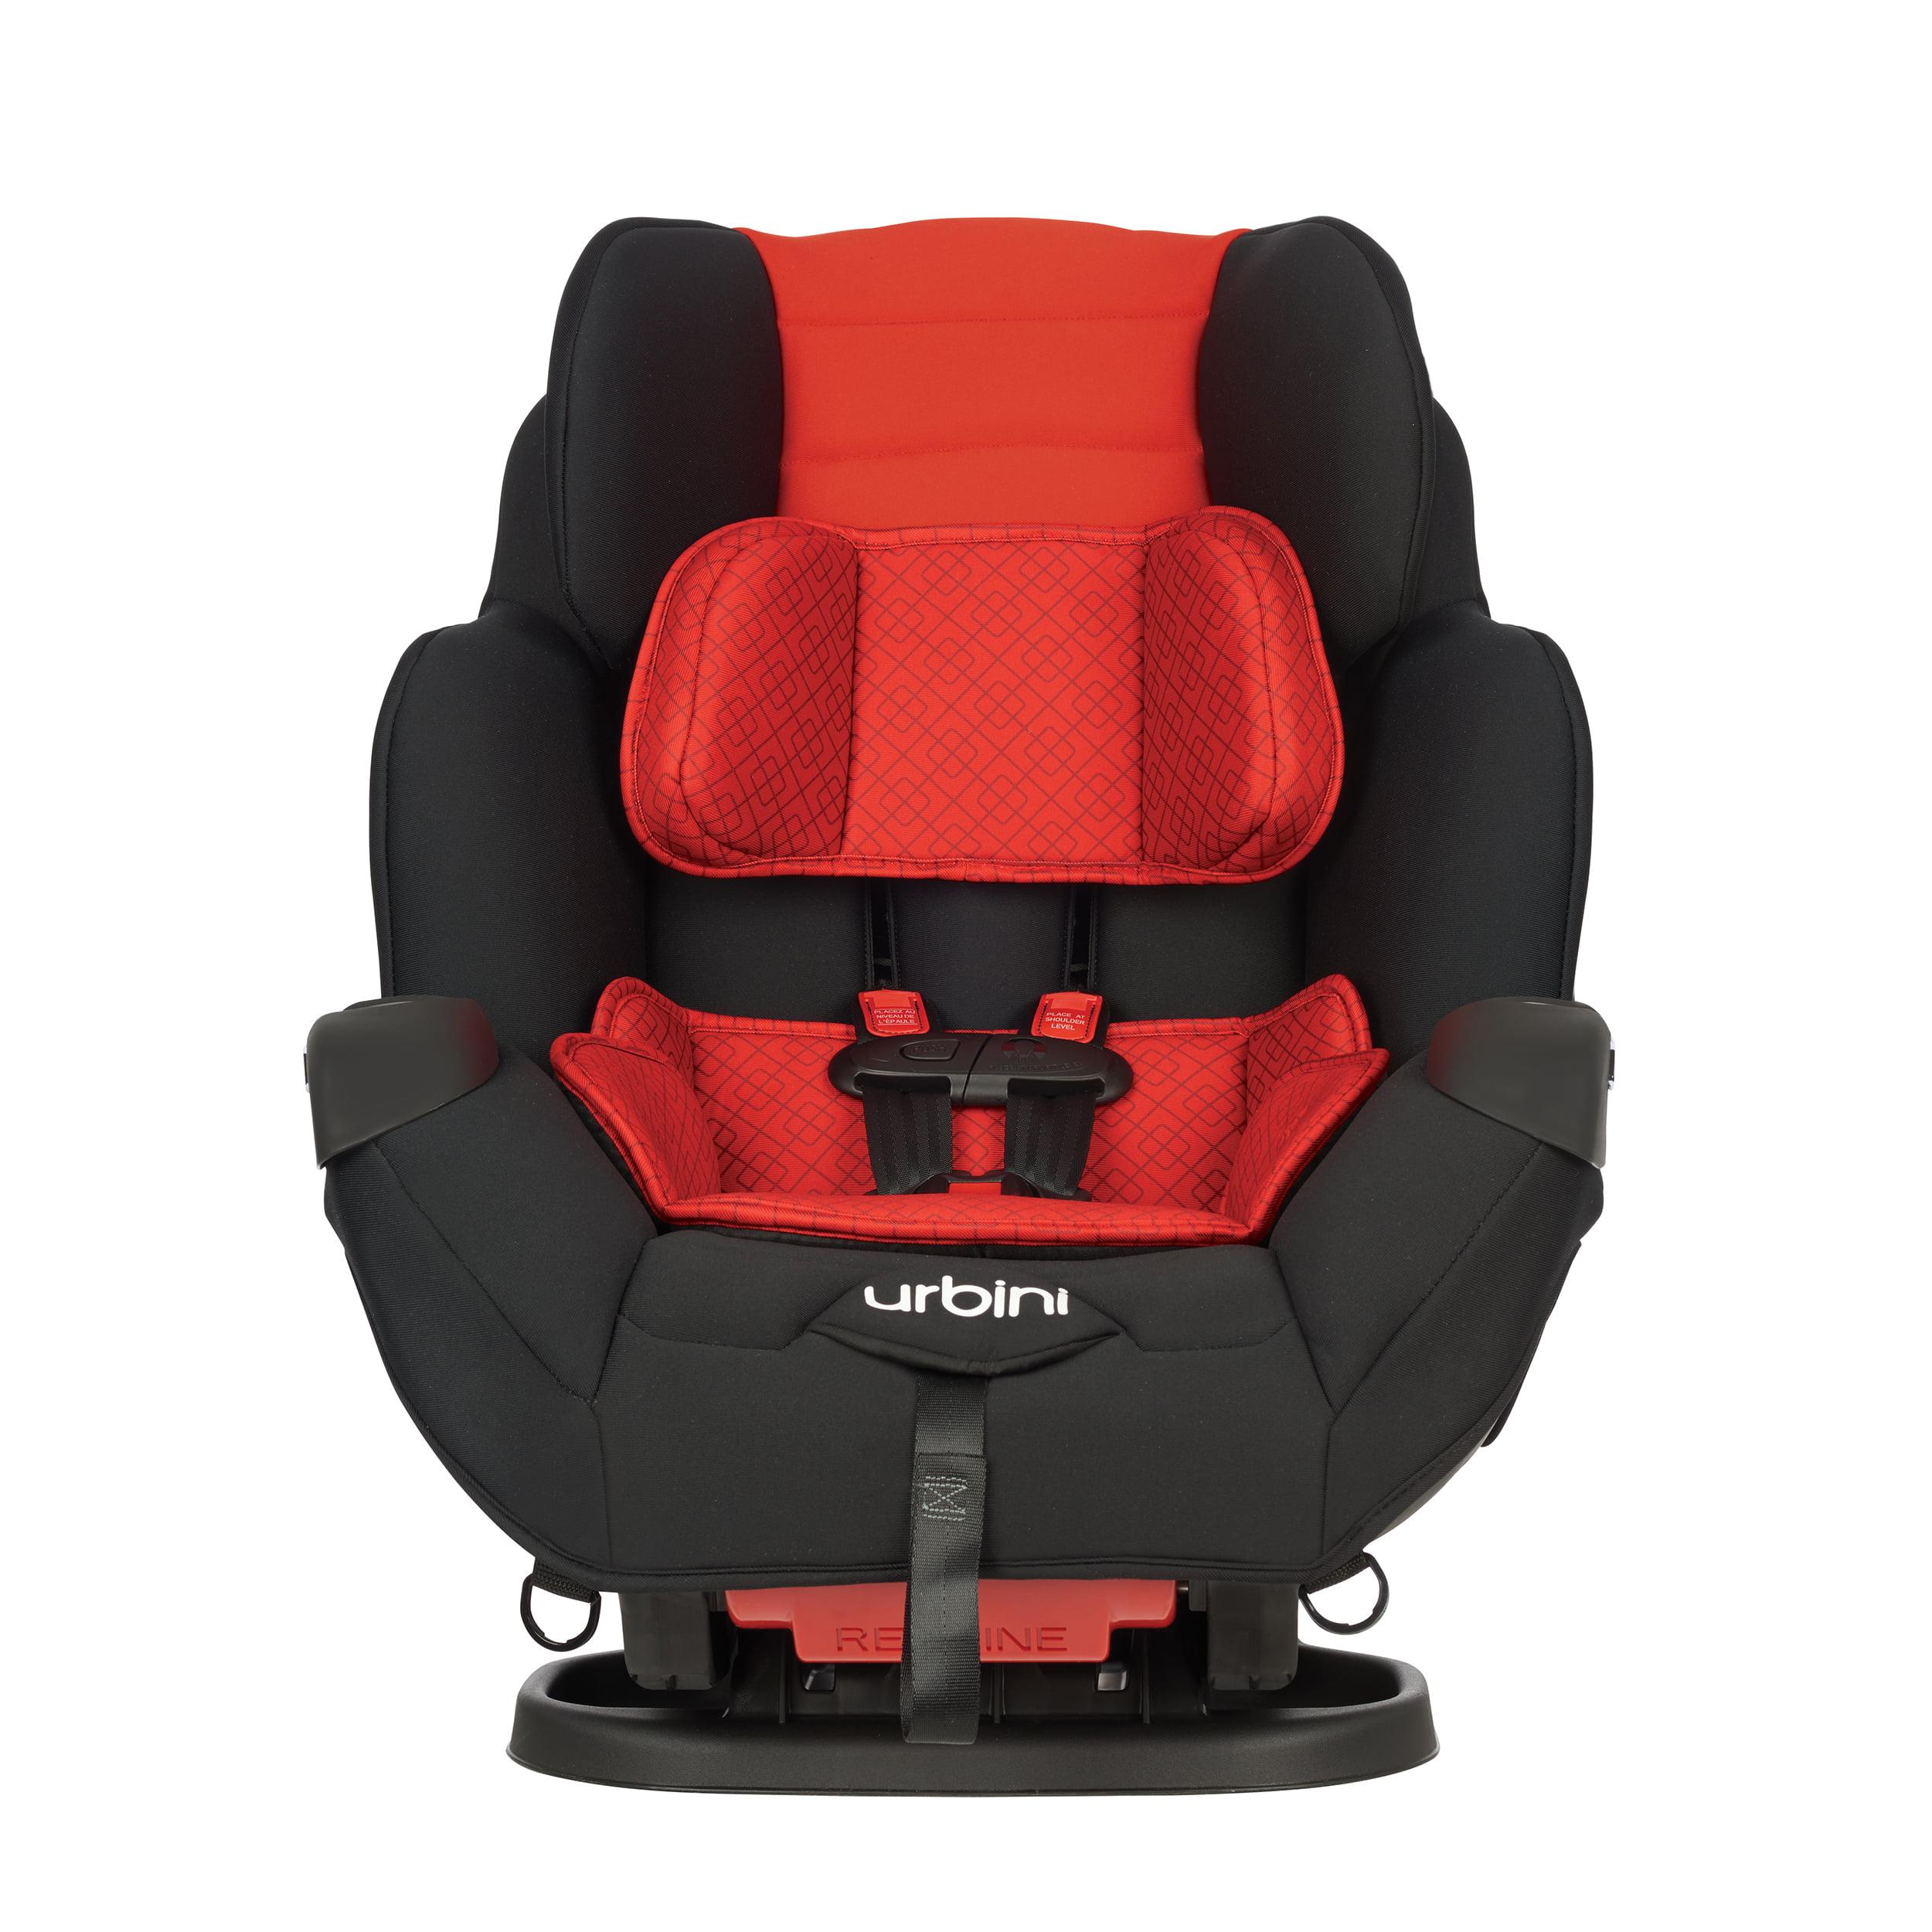 Urbini Asenti All-In-One Car Seat, Gray